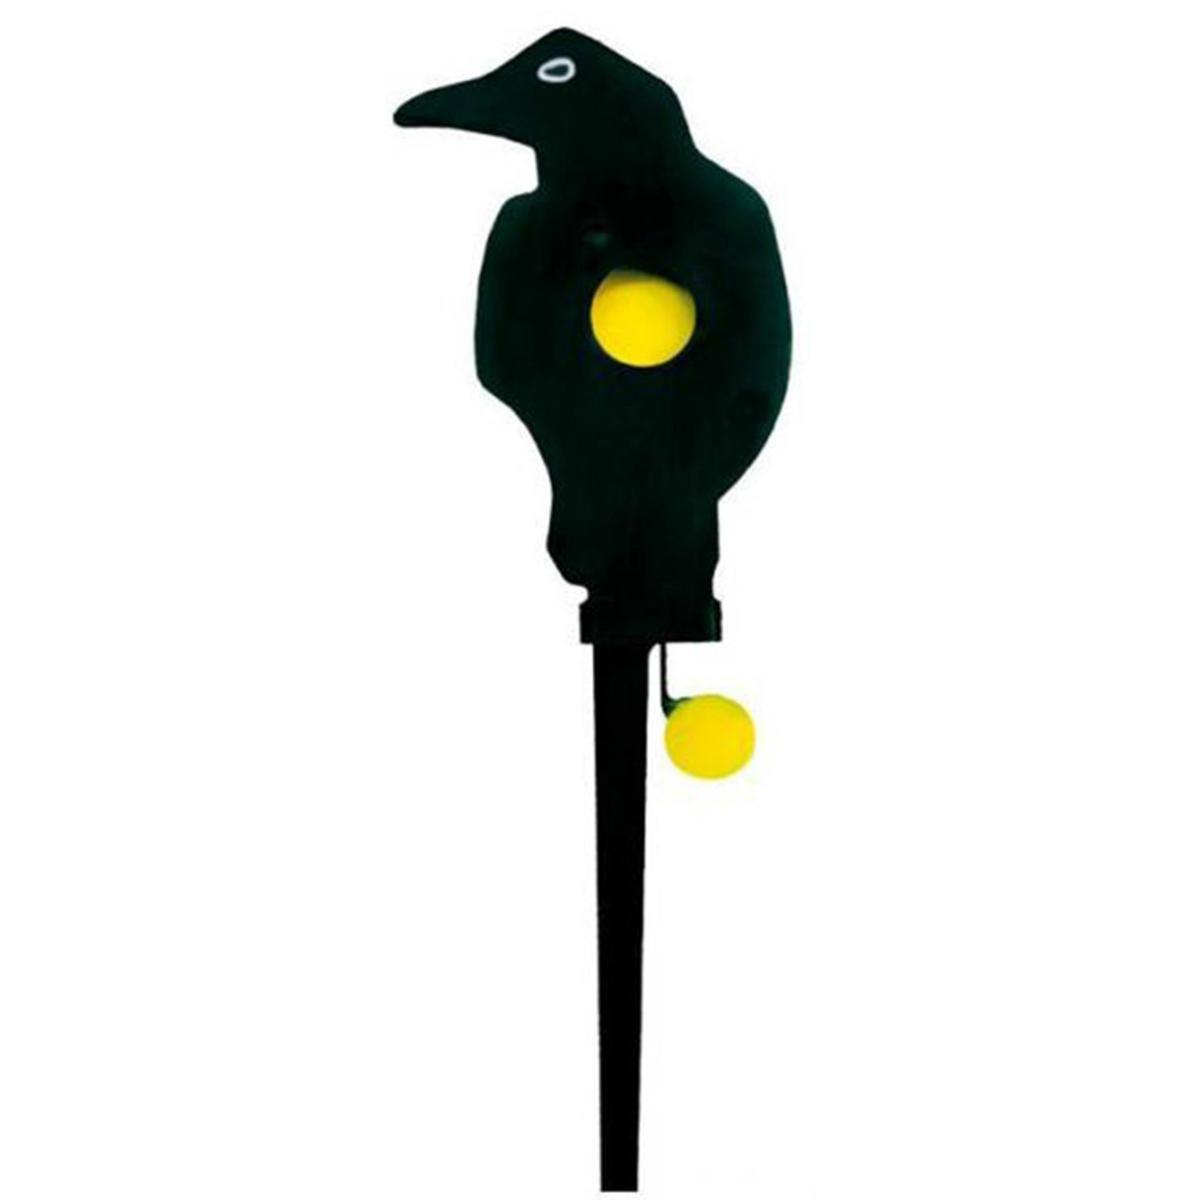 Umarex - Blanco para tiro con rifle, diseño de cuervo, color negro y amarillo